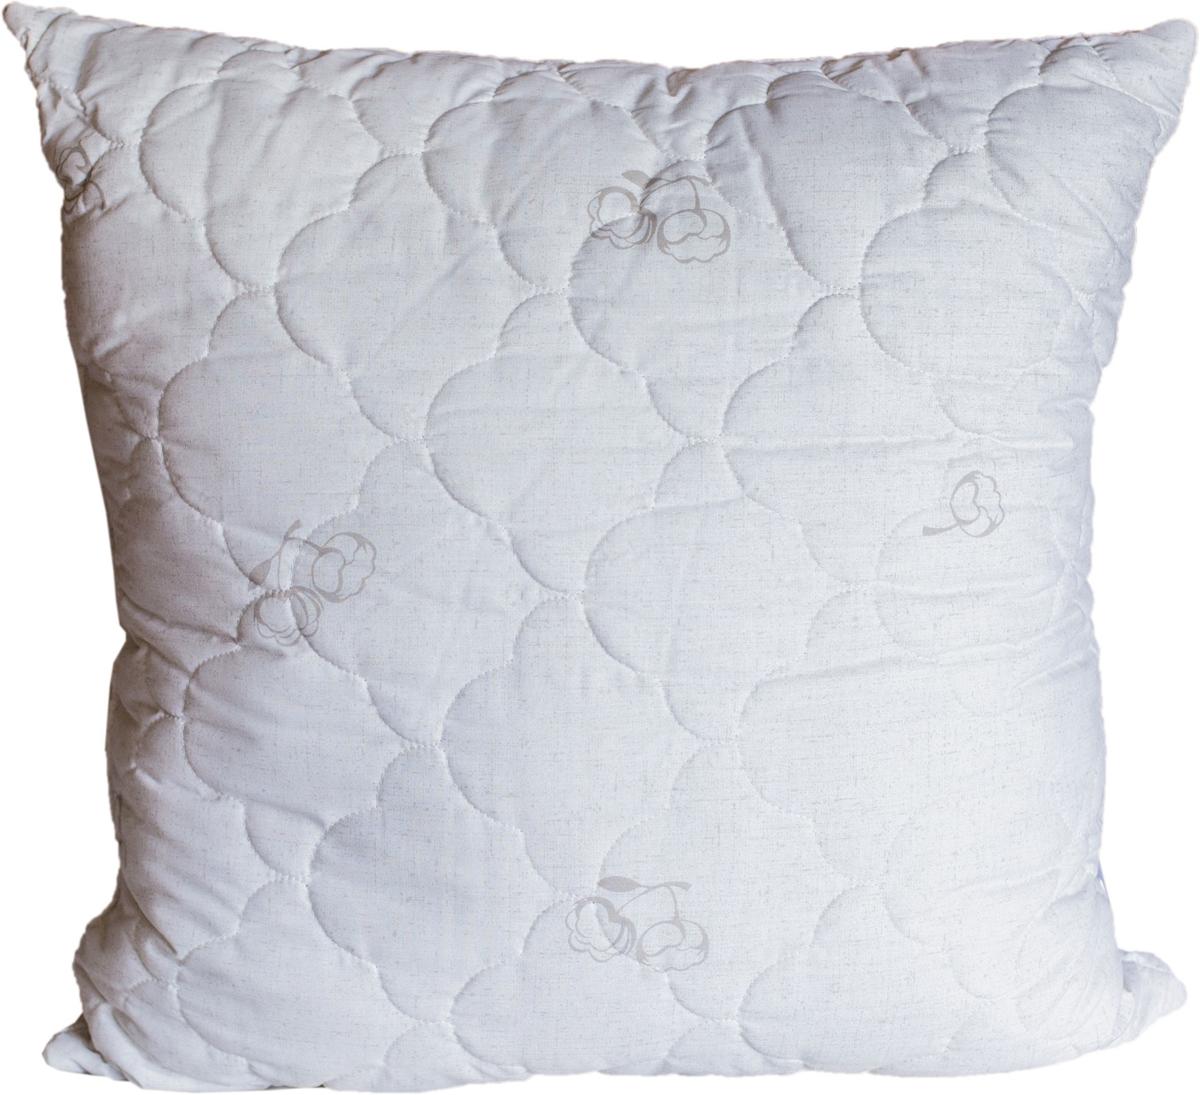 Подушка Sortex Natura, 70 x 70 см. 337-512337-512Изделия из хлопкового волокна ценят за их мягкость и теплоту. Хлопок это здоровый натуральный природный материал, он хорошо регулирует температуру, согревая тело во время сна. Подушки из ткани поликоттон гладкокрашеный с фирменной стежкой и дизайном.